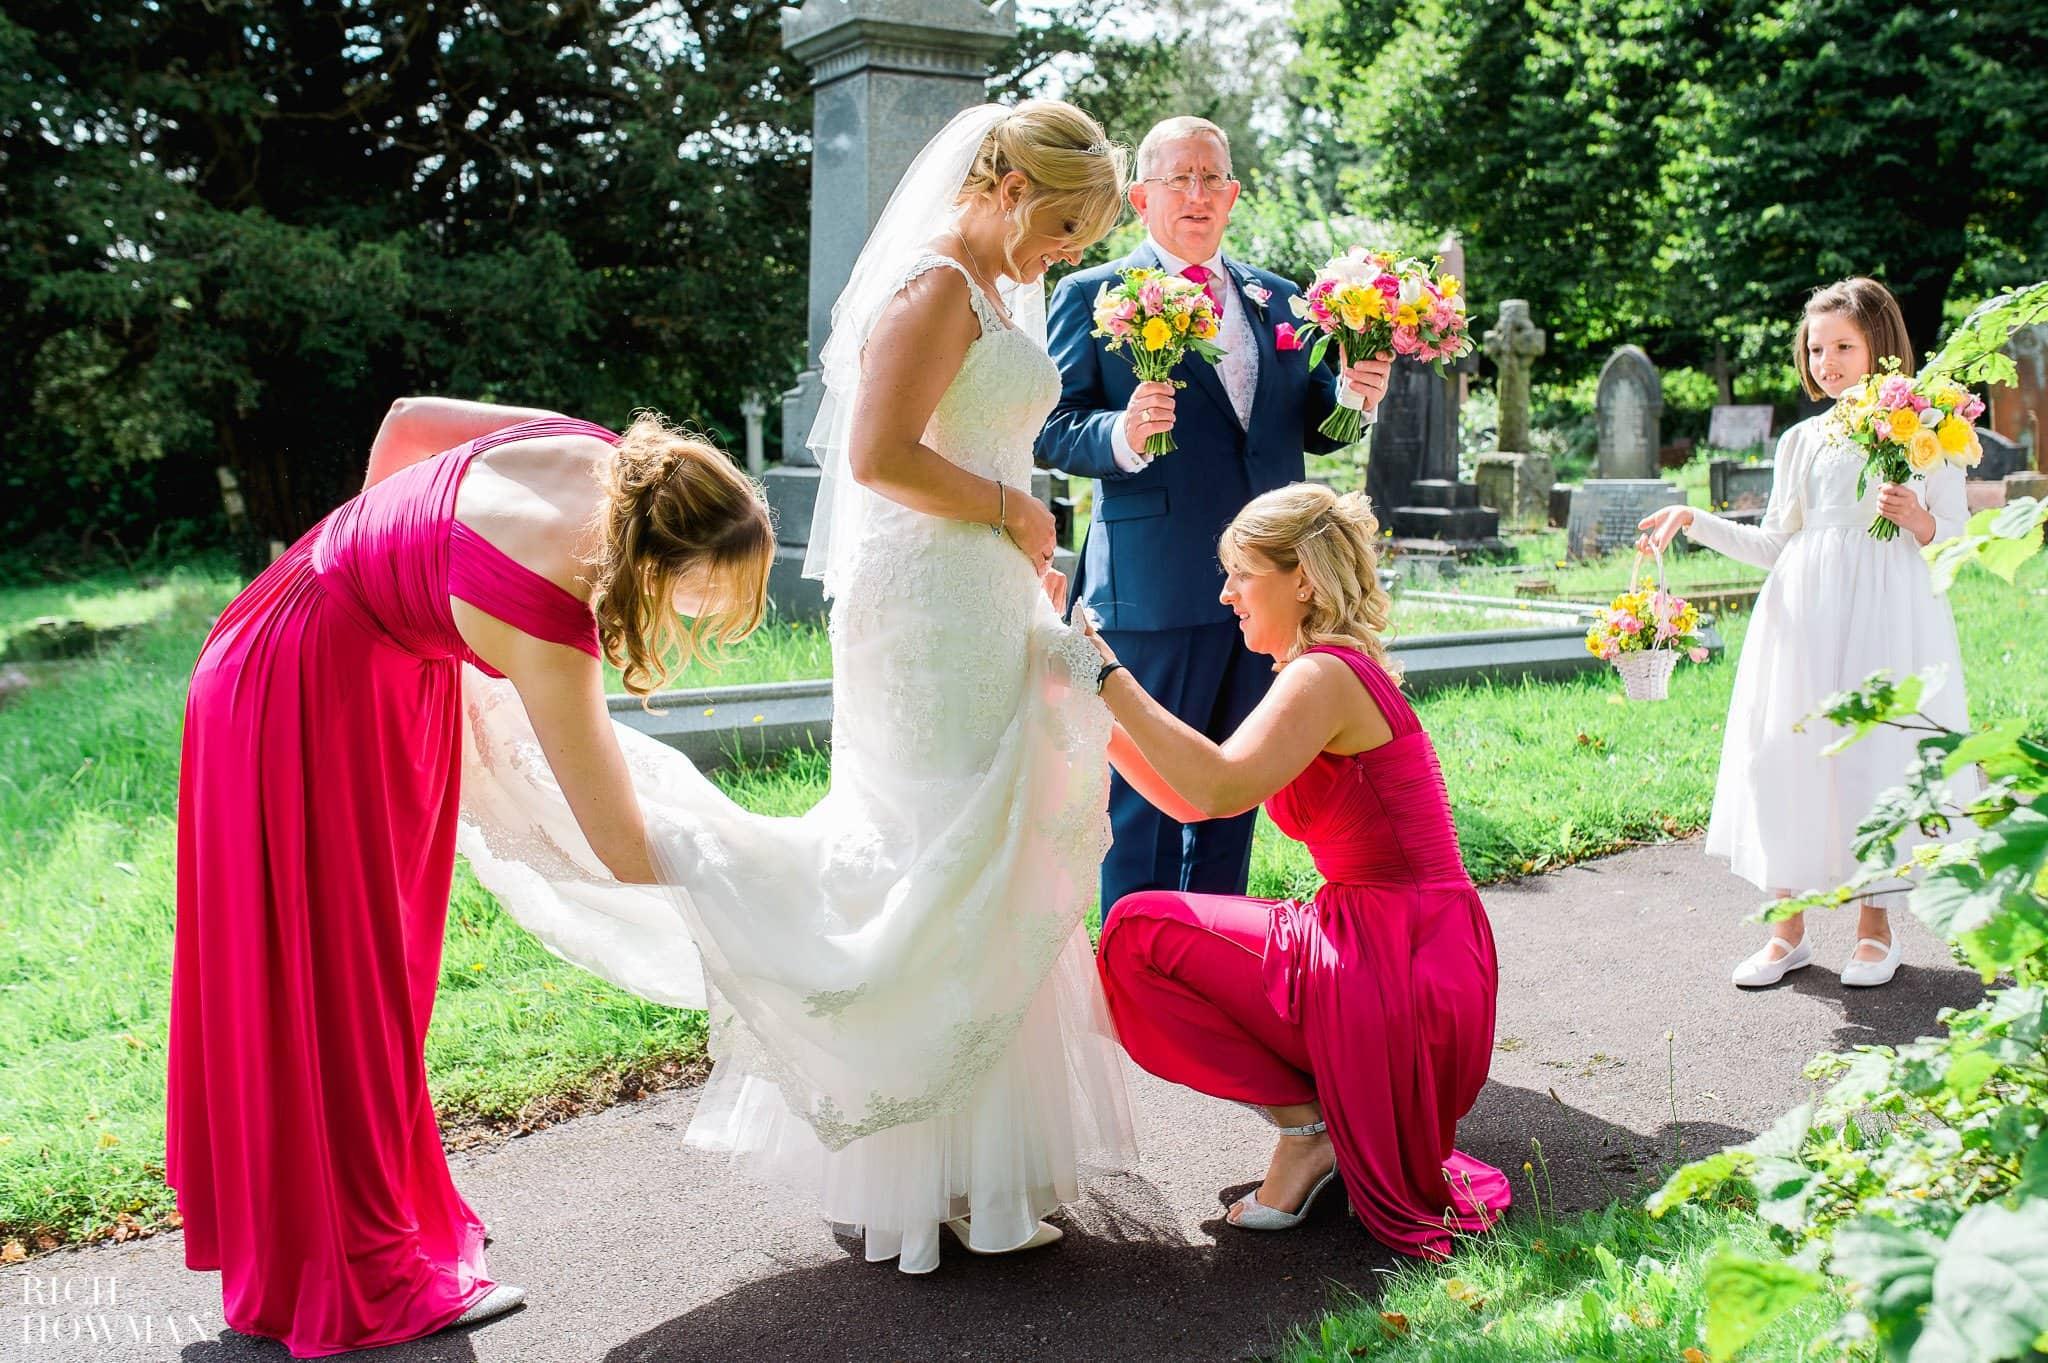 Llanerch Vineyard Wedding Photography by Rich Howman 23